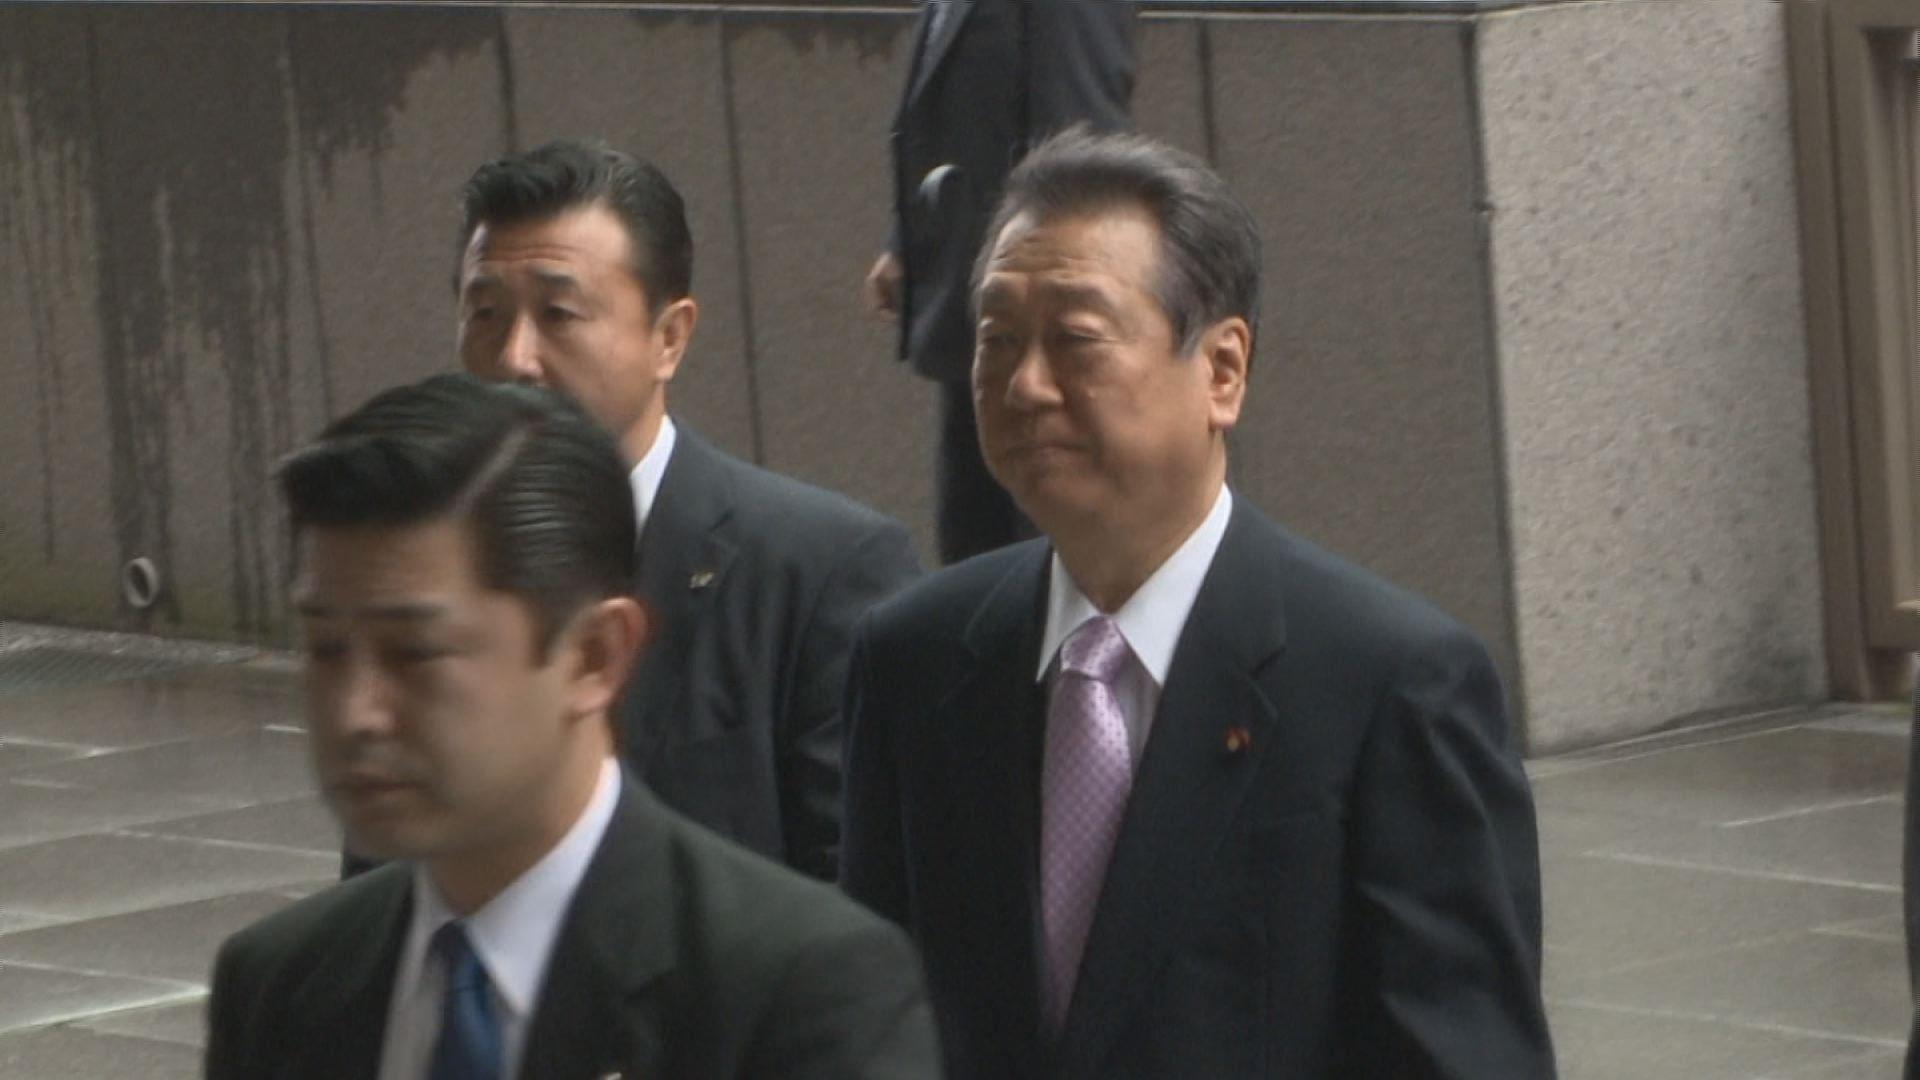 4月26日のできごと(何の日)【東京地裁】小沢一郎元民主党代表に無罪判決